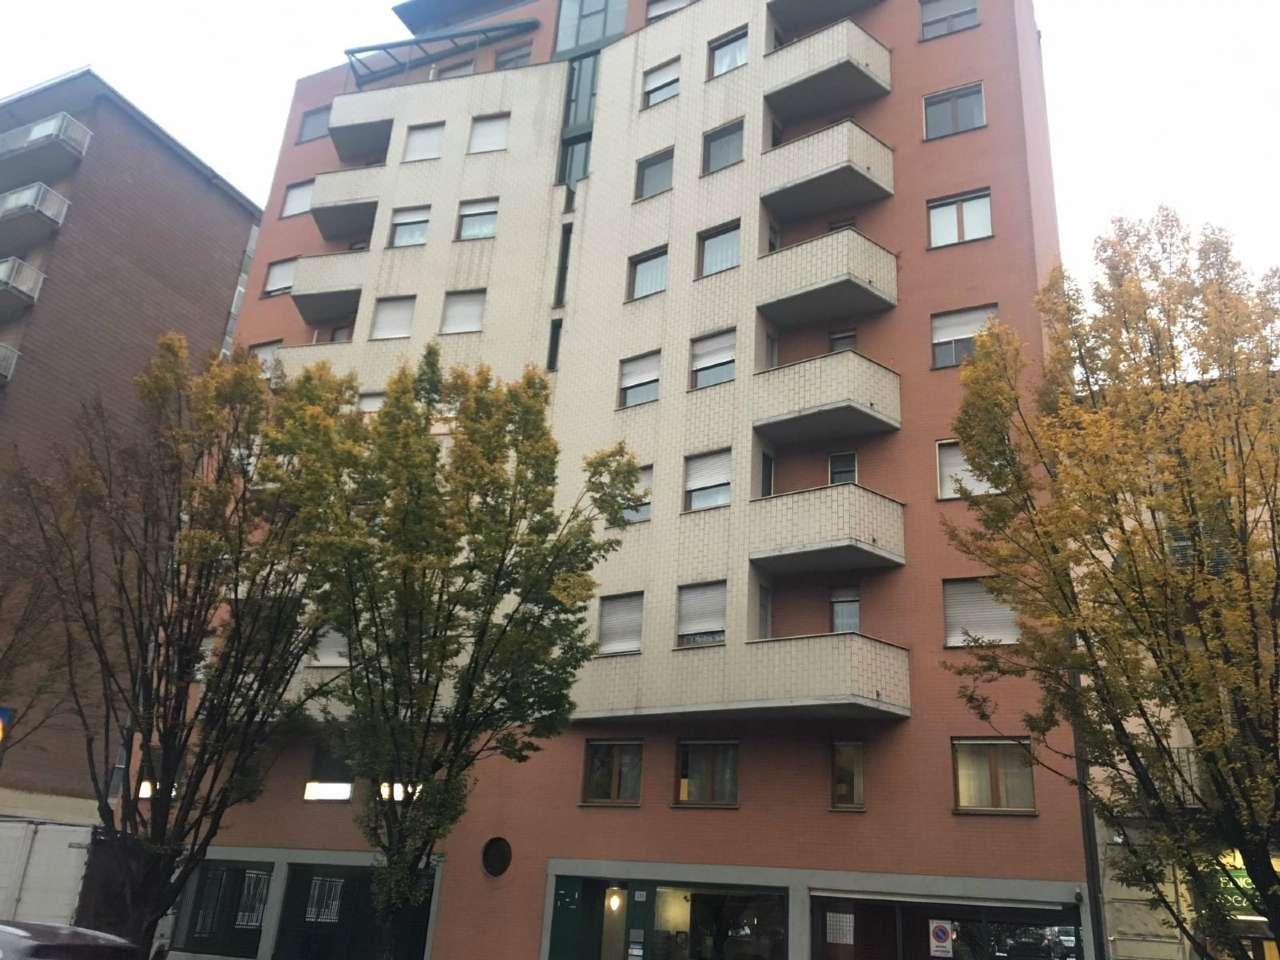 Ufficio in vendita Zona Barriera Milano, Falchera, Barca-Be... - Corso Vercelli 235 Torino